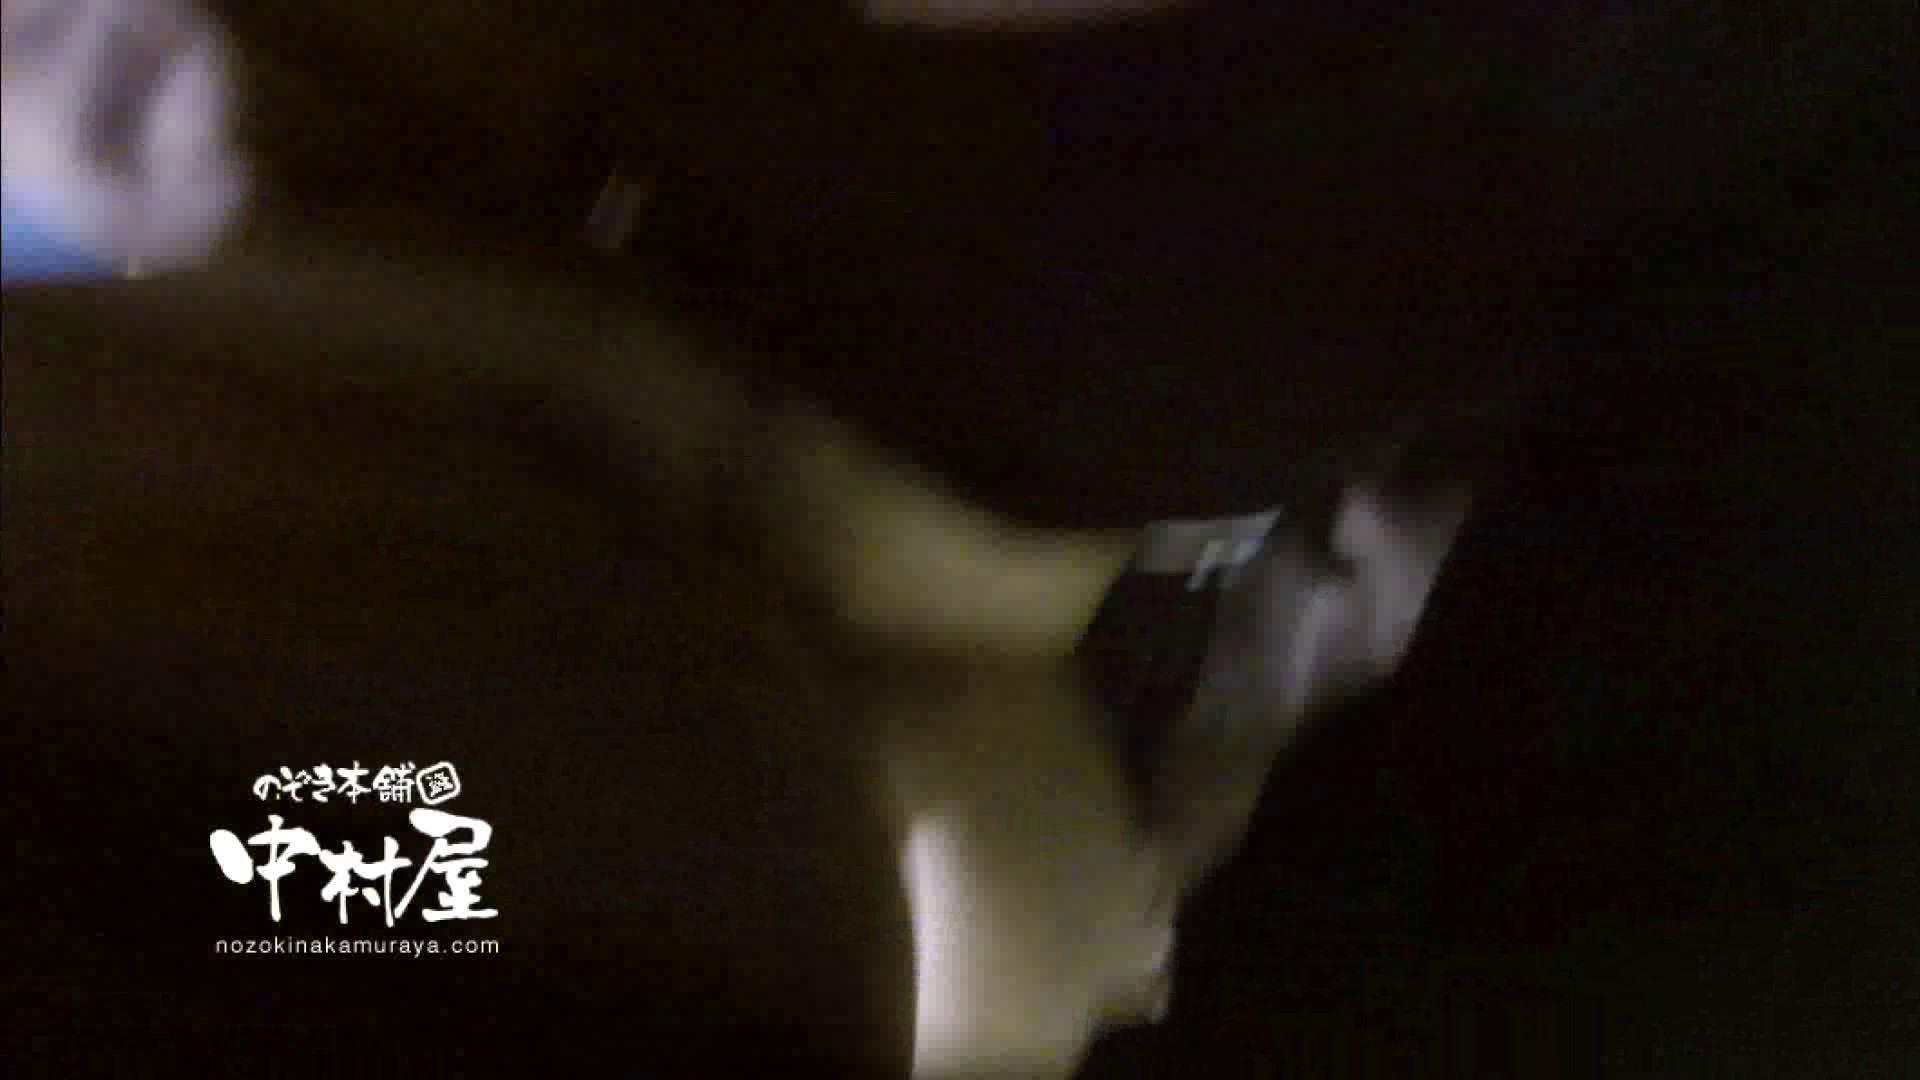 鬼畜 vol.11 下の口は正直なオンナ 前編 エッチなセックス   エロティックなOL  97画像 67